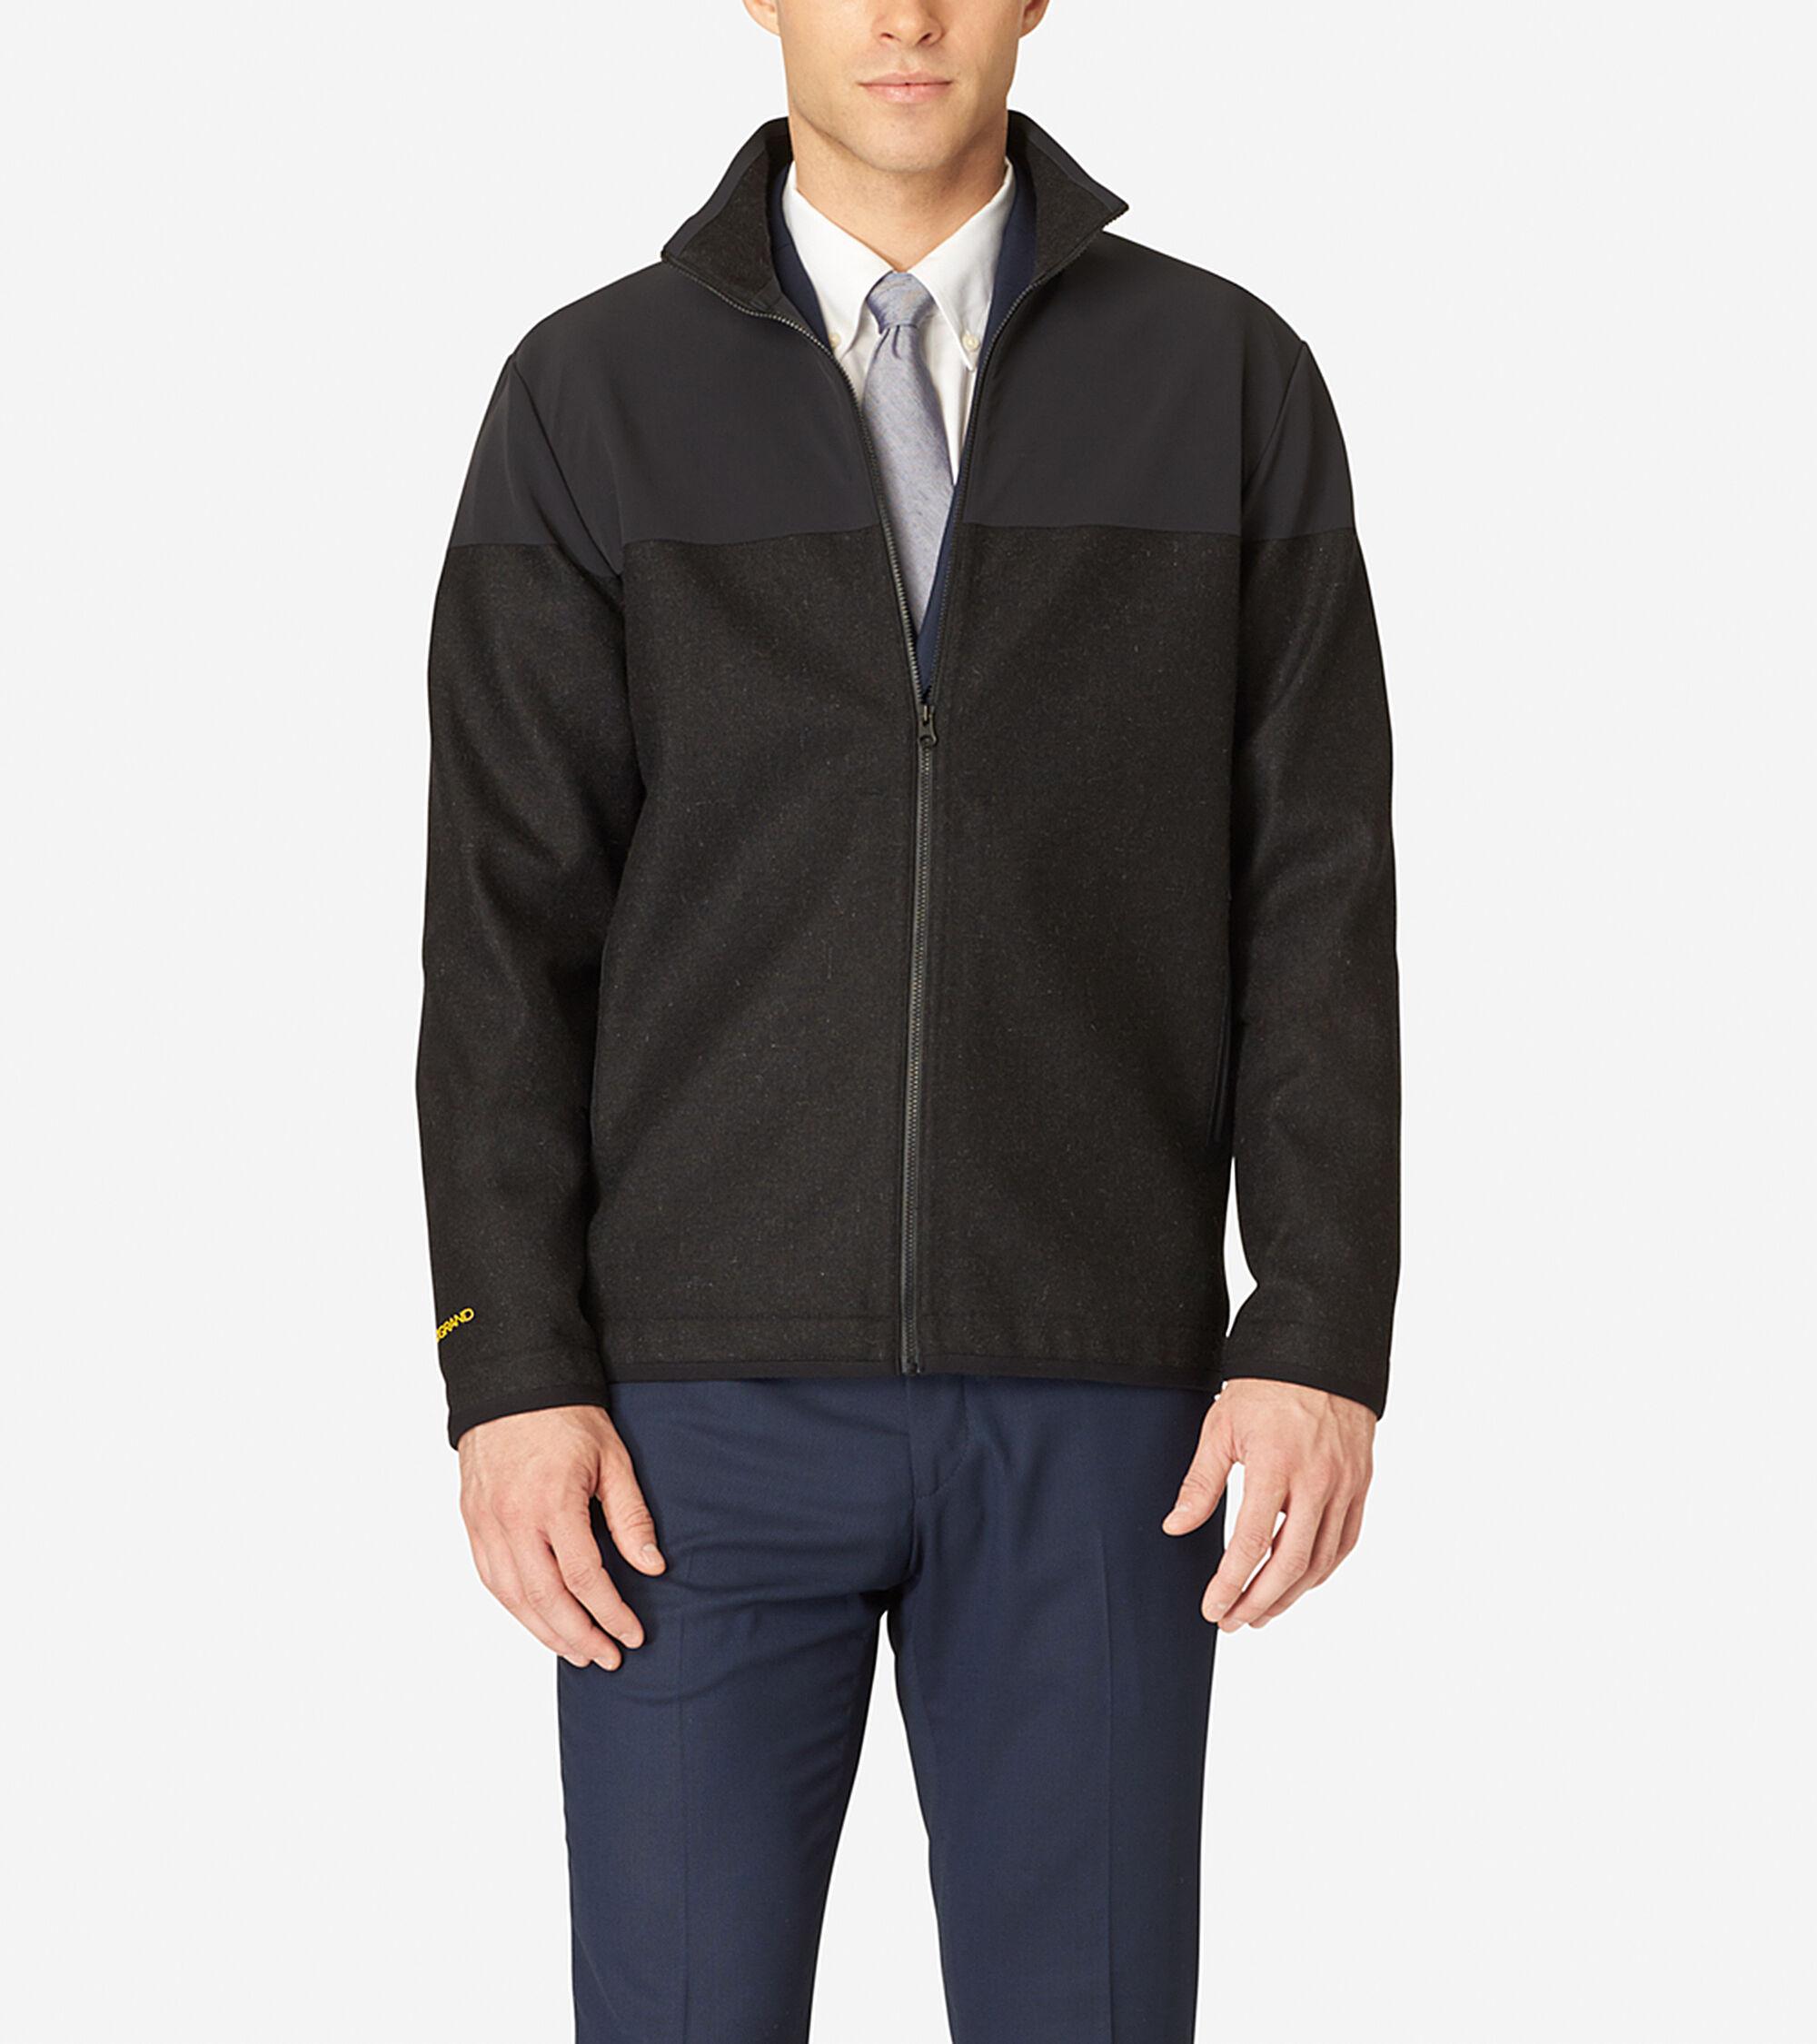 Jacket men's online stores